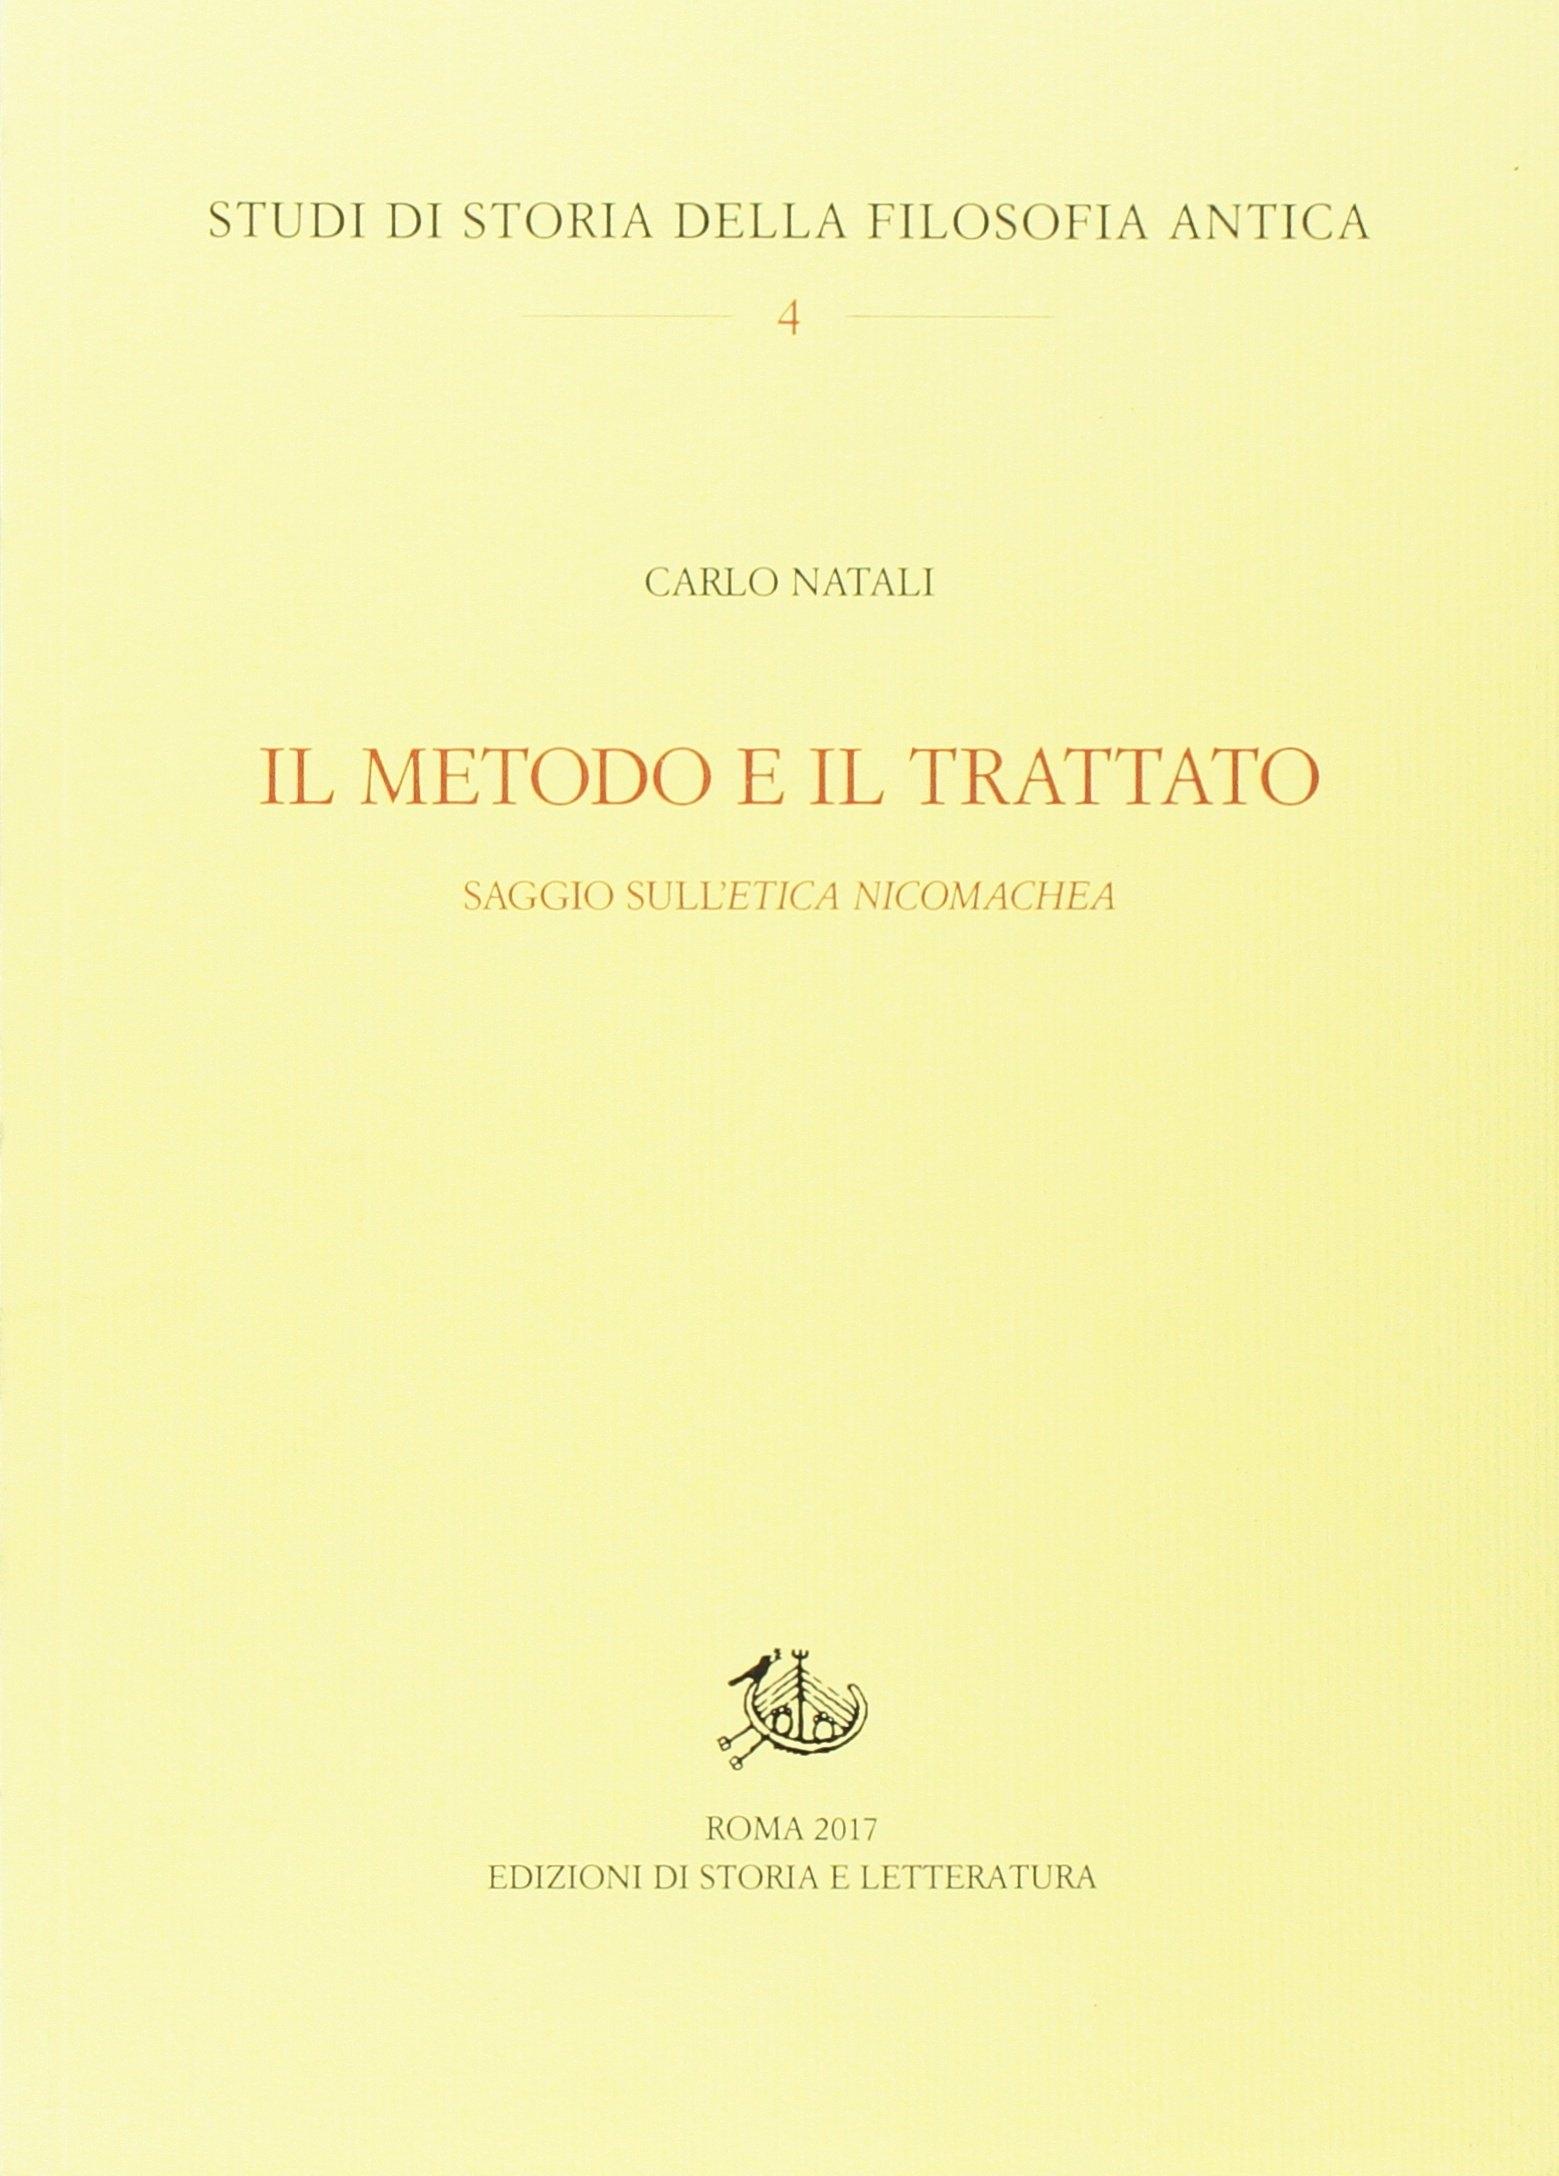 Il metodo e il trattato. Saggio sull'«Ethica Nicomachea»